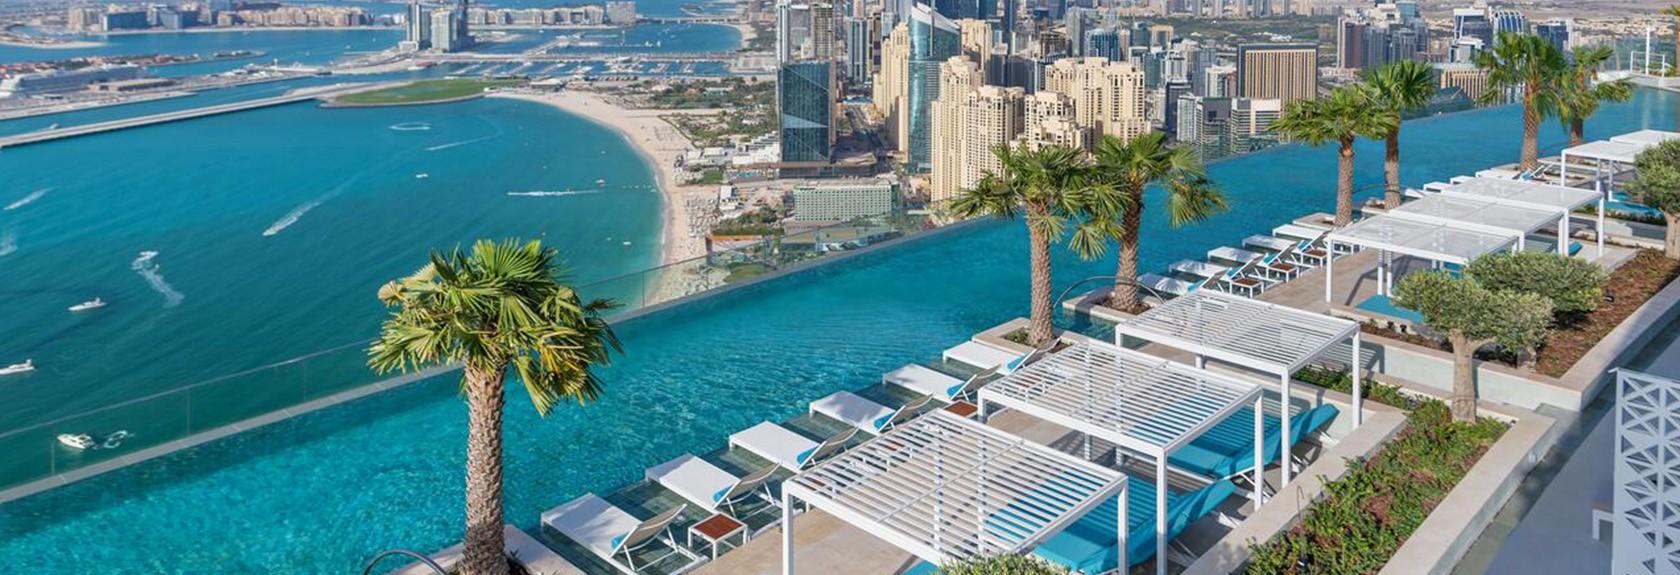 De hoogste infinity pool van de wereld – Address Beach Resort